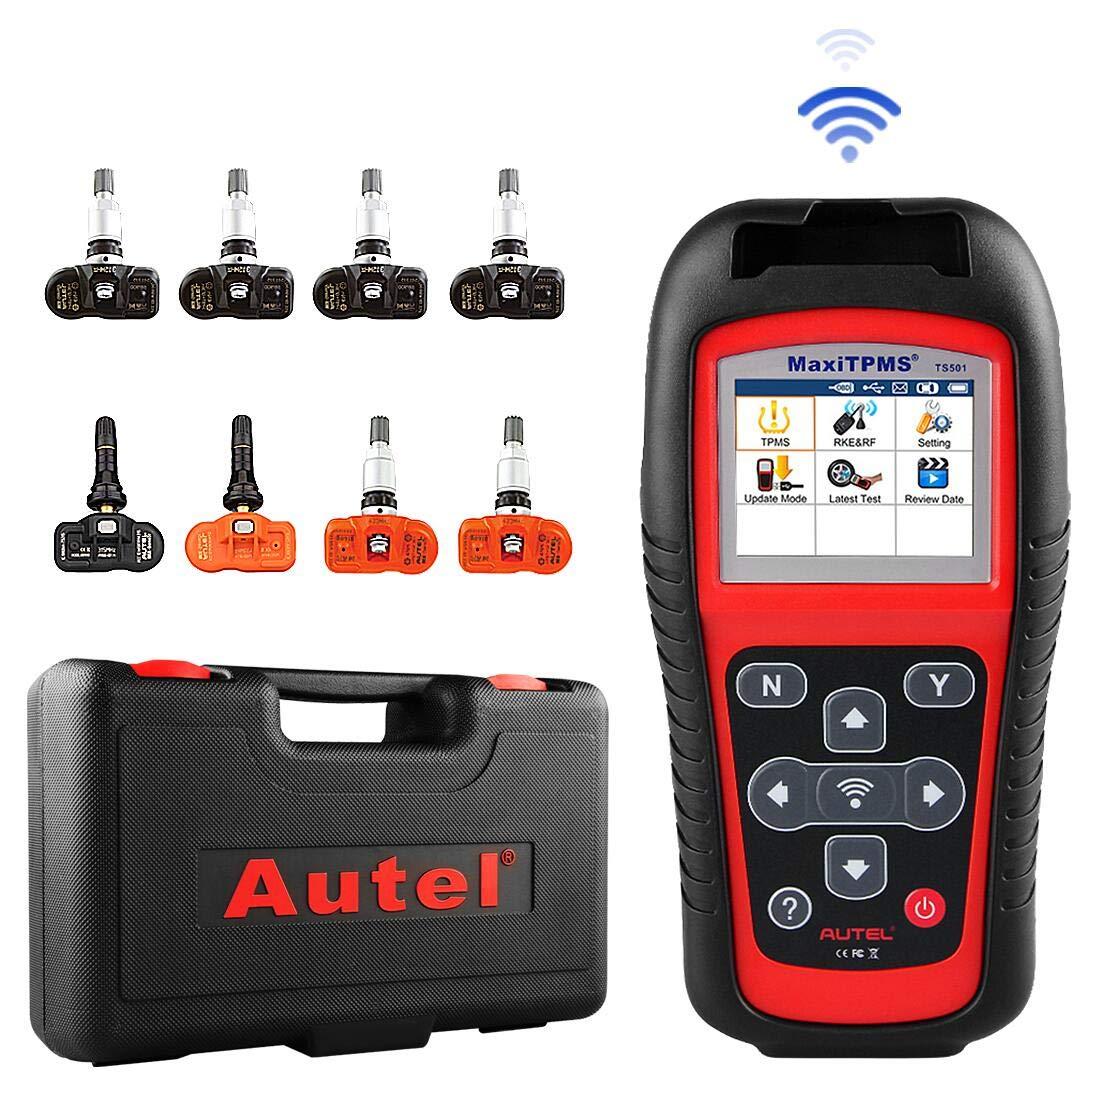 Autel MaxiTPMS TS501 TPMS OBD2 Activation Magnetic Tire Pressure Monitor System Diagnostic Tool with 5 pics 315MHz MX-Sensor and 3 pics 433MHz MX-Sensor by Autel